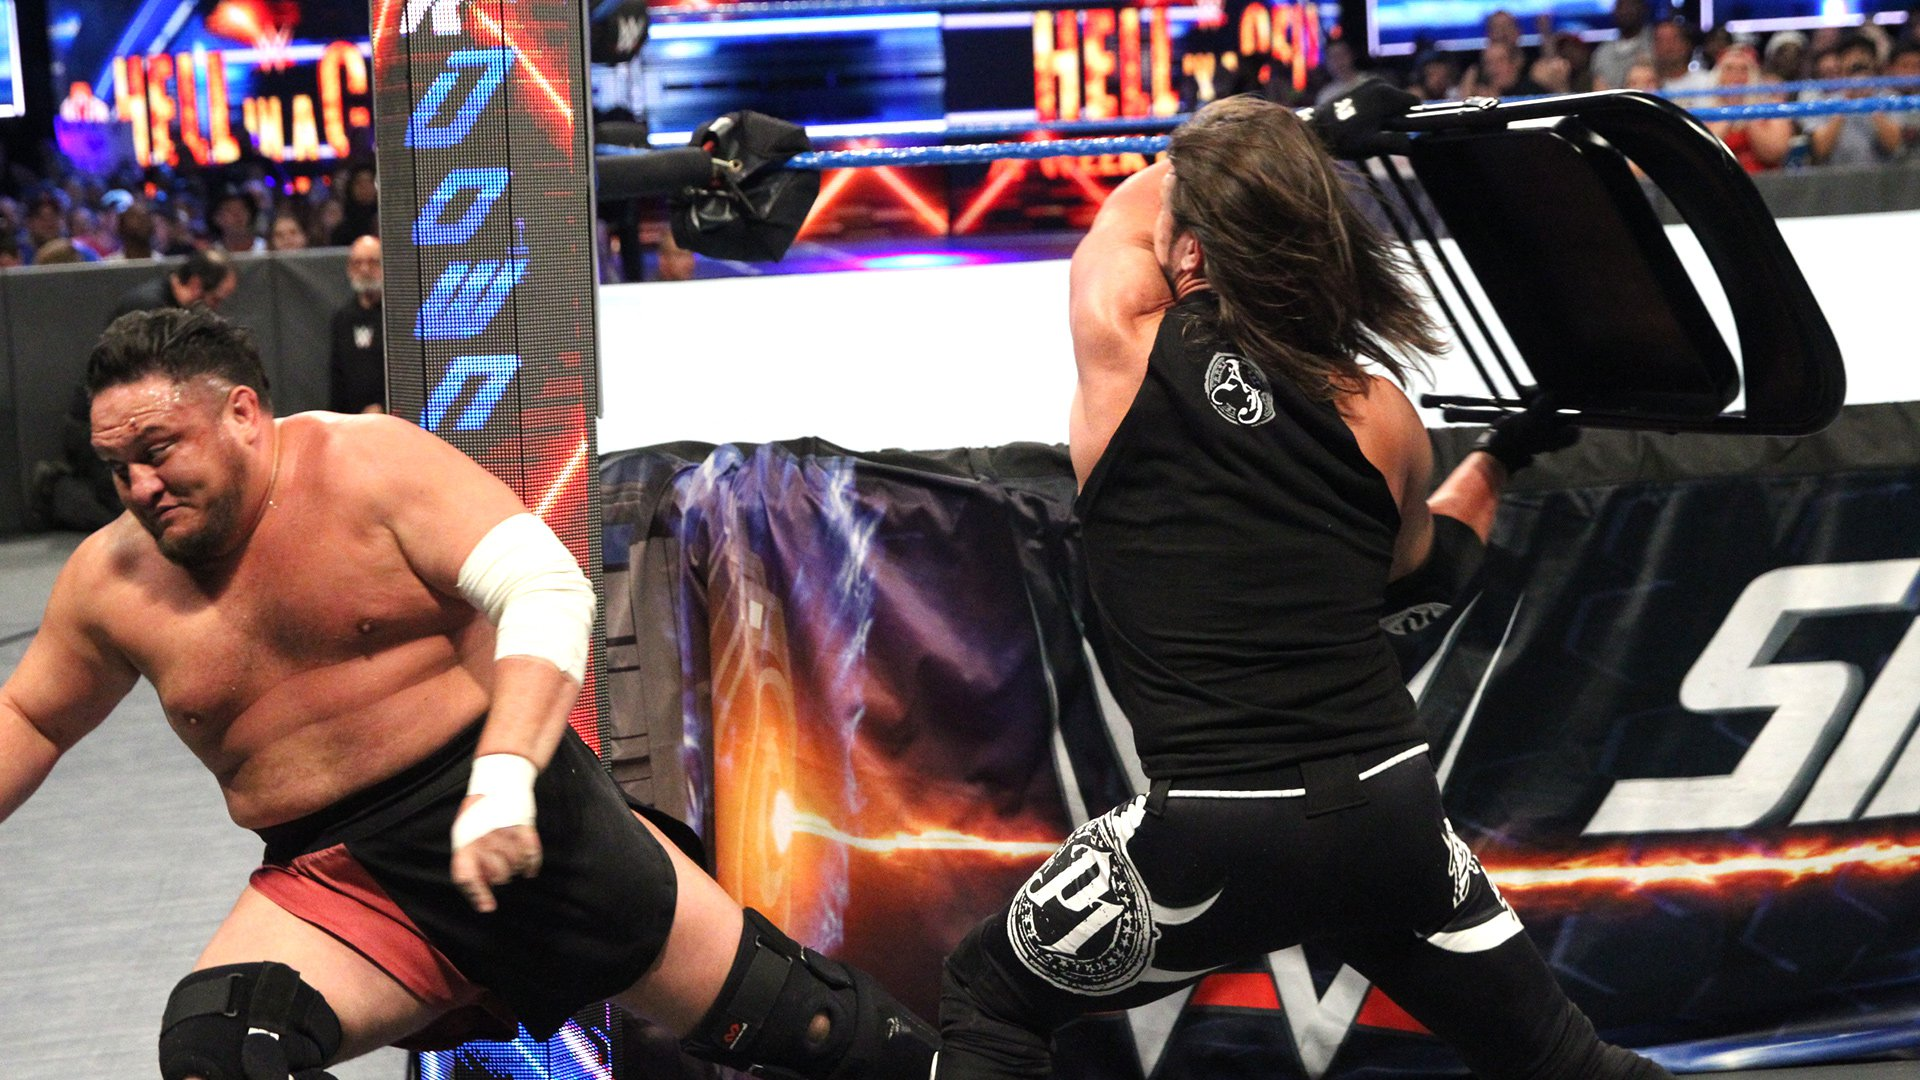 Painfully wrestling scene 4